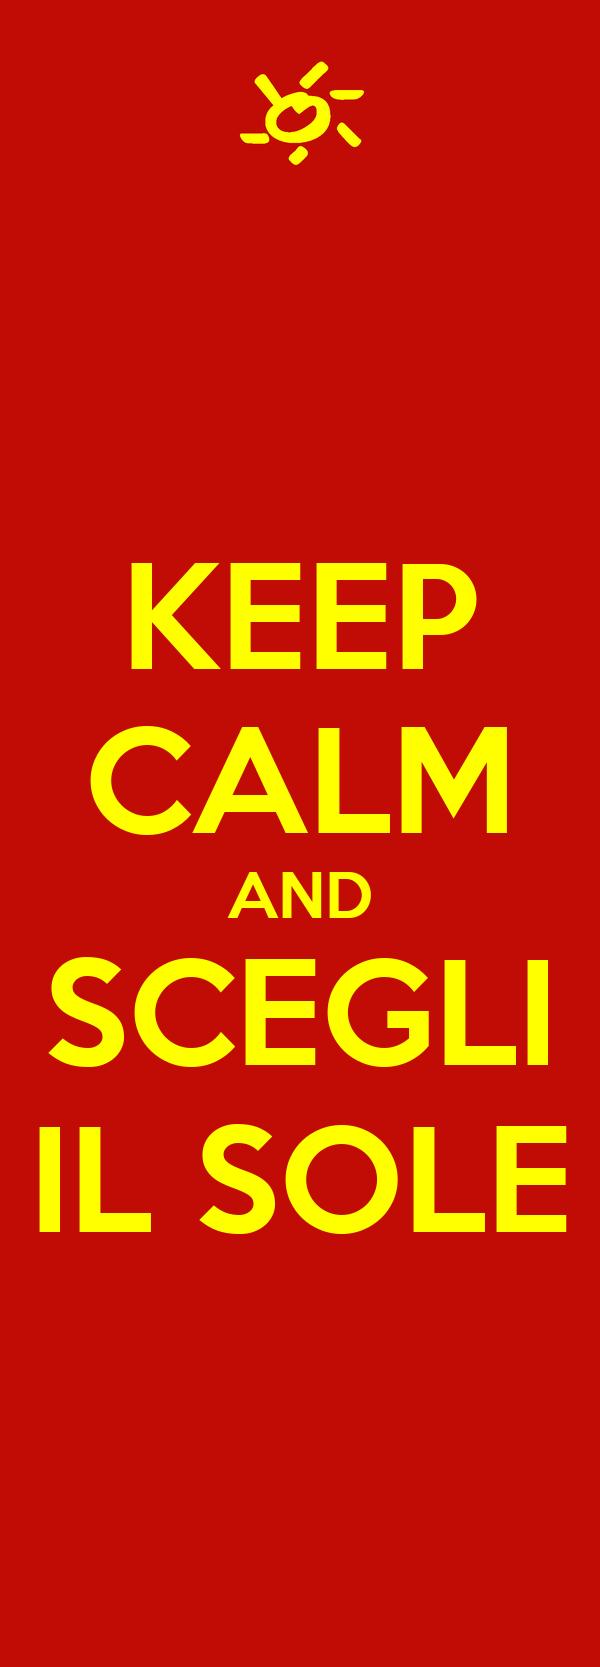 KEEP CALM AND SCEGLI IL SOLE